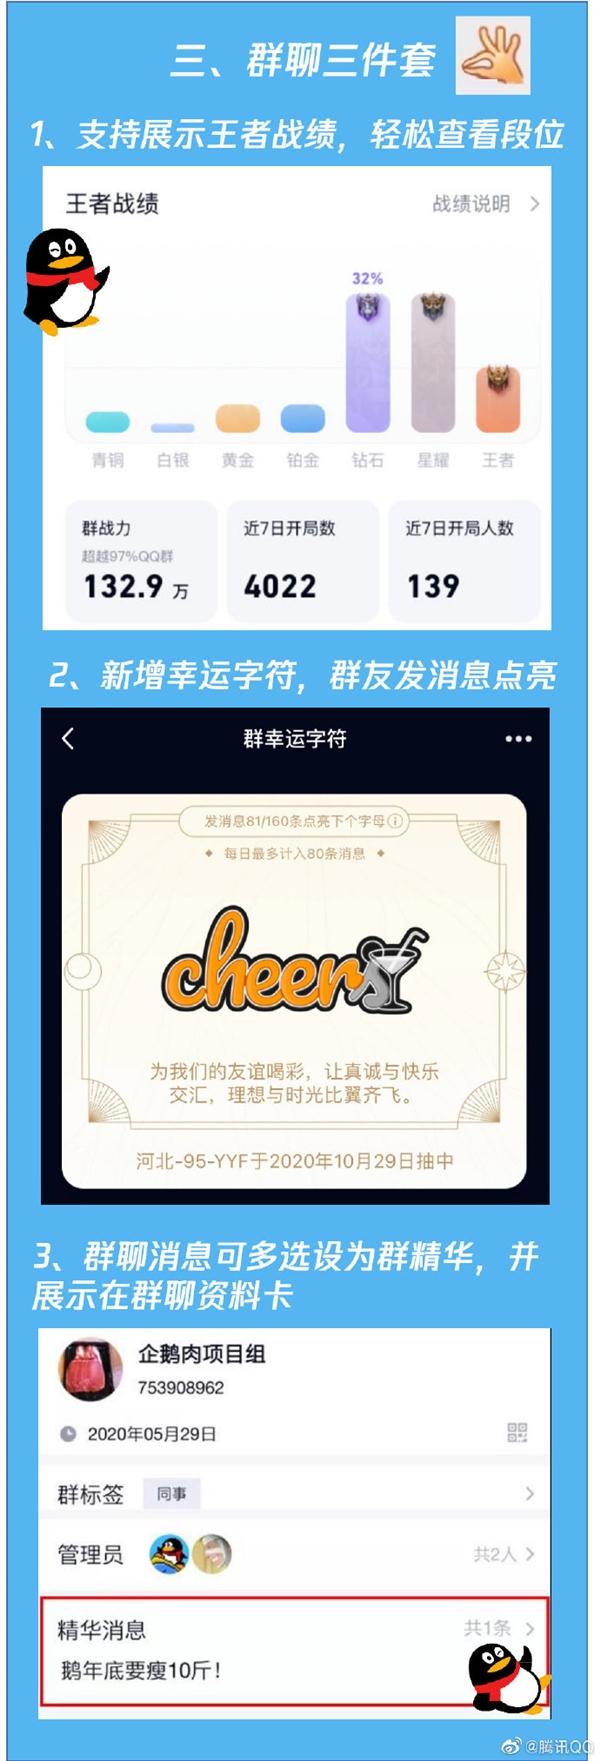 手机QQ8.4.17发布:群聊三件套来了 iOS另有独享功用